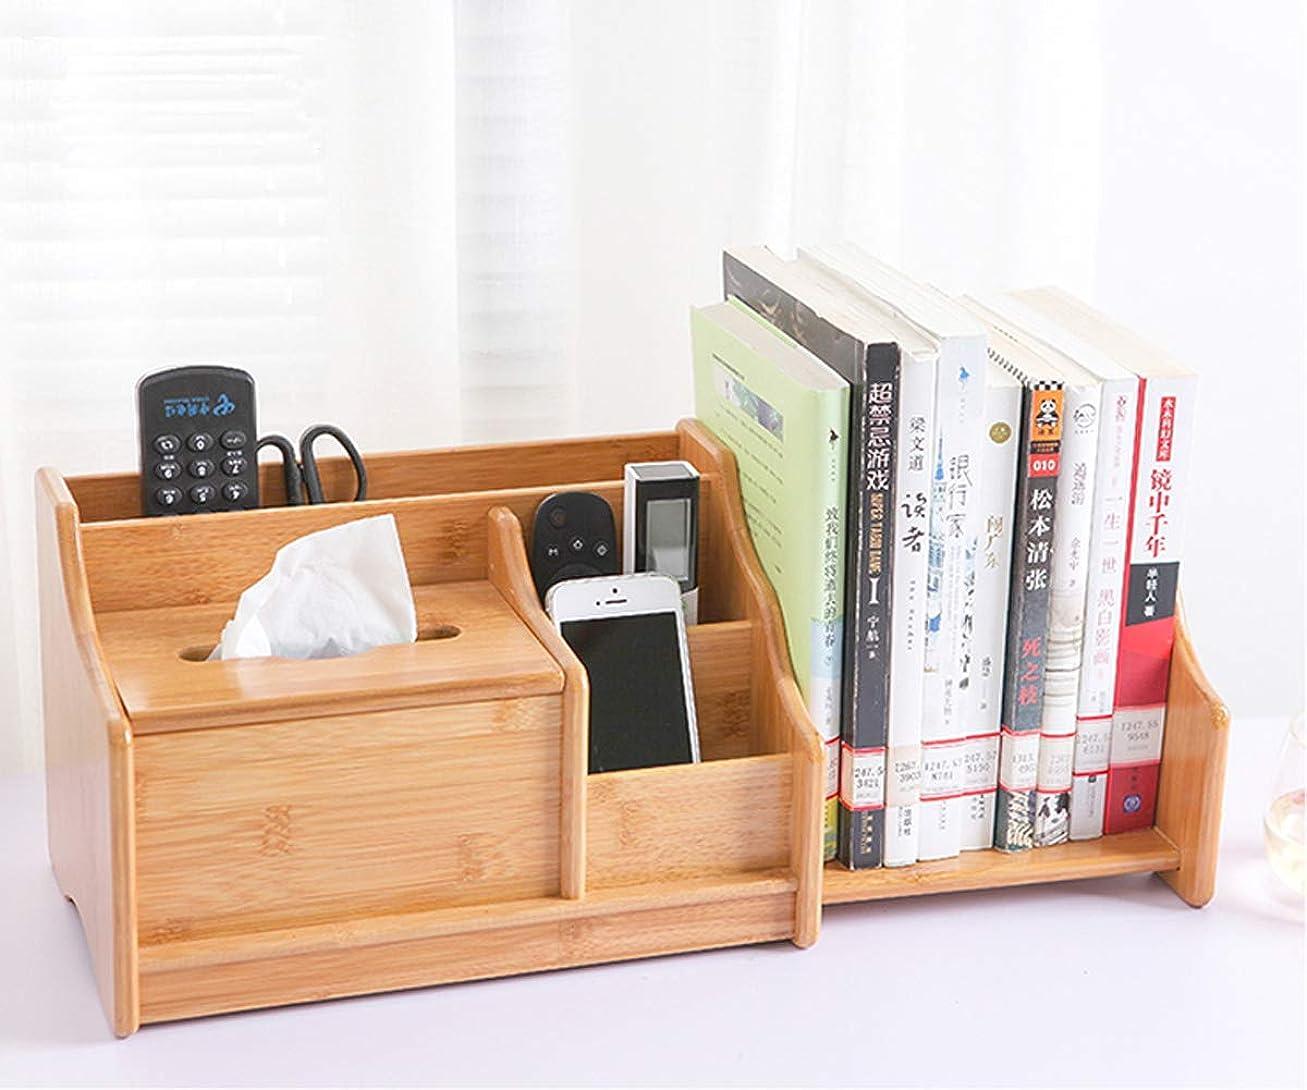 パーフェルビッド土砂降り状Goodraio デスク上 収納 大容量 自由に調整伸縮の本立て 小物入れ 卓上 竹製 卓上収納 オフィス 2段ラック 組み立てが簡単で 日本語説明書が付き